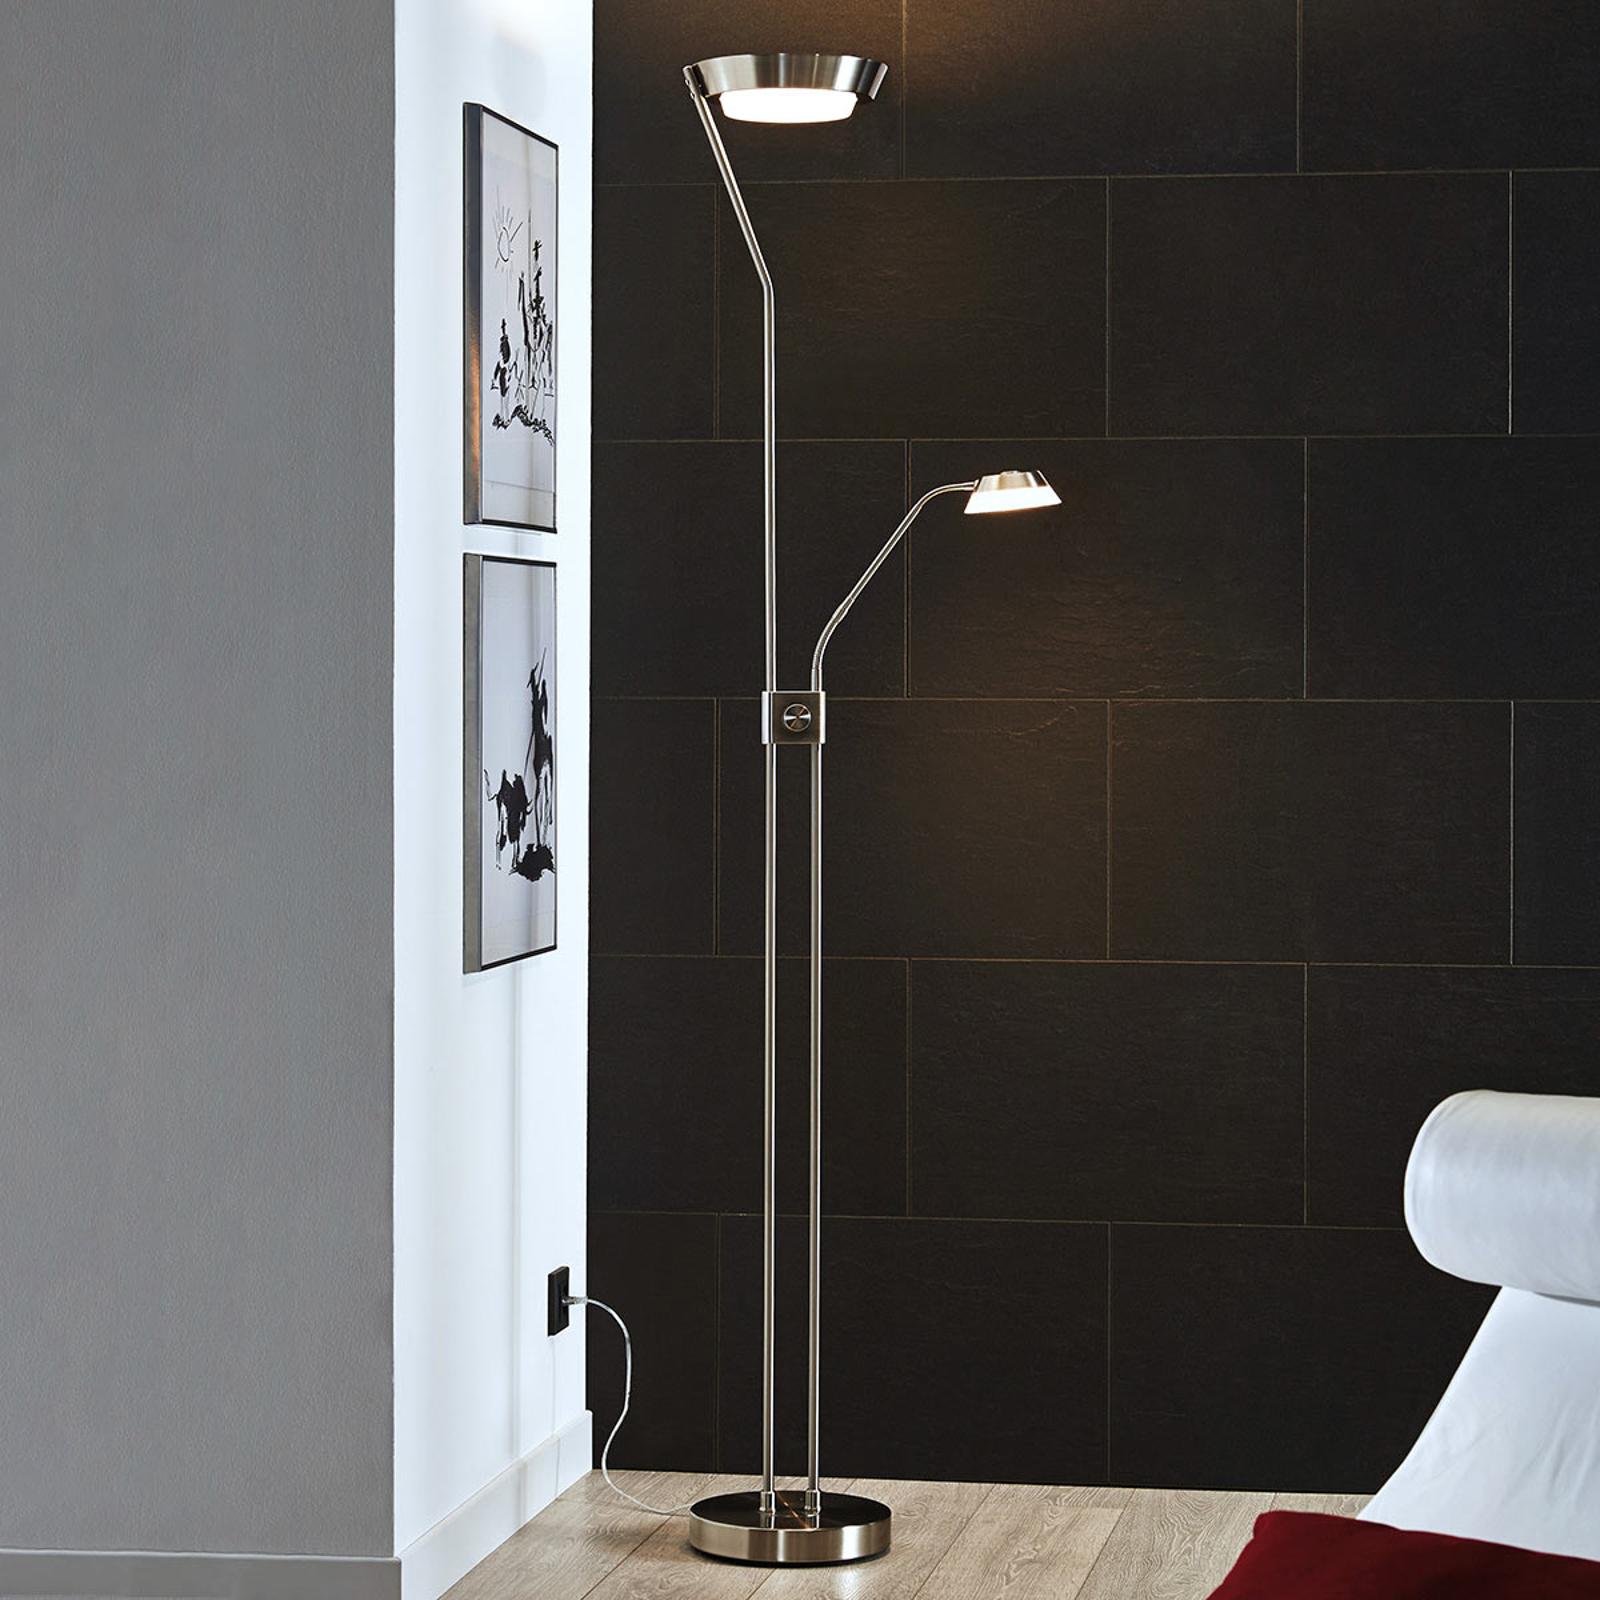 Lampa stojąca LED Sarrione, stal, nikiel matowy